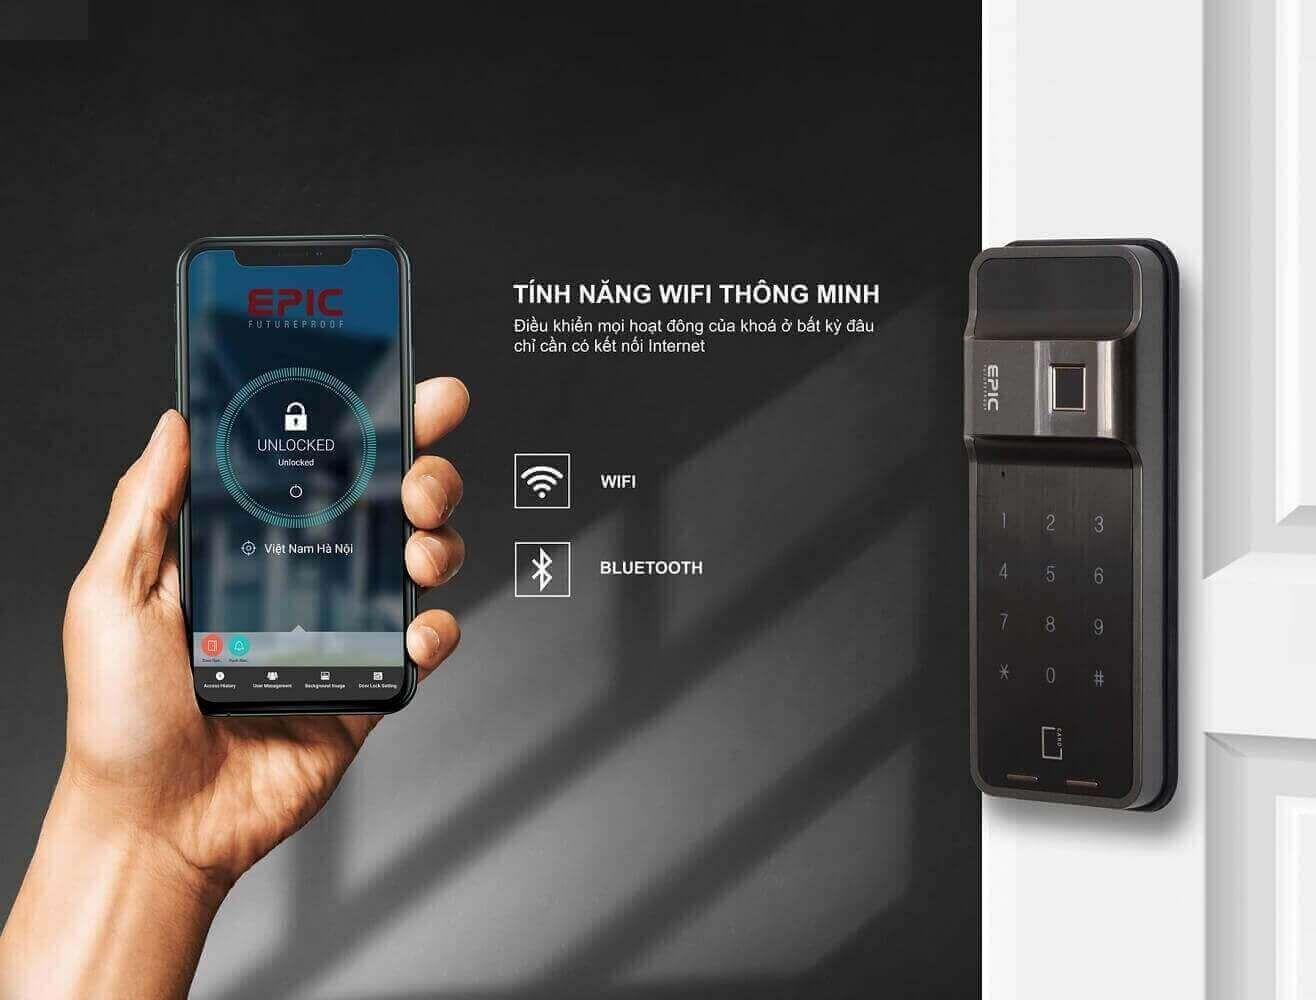 Mở khóa bằng điện thoại